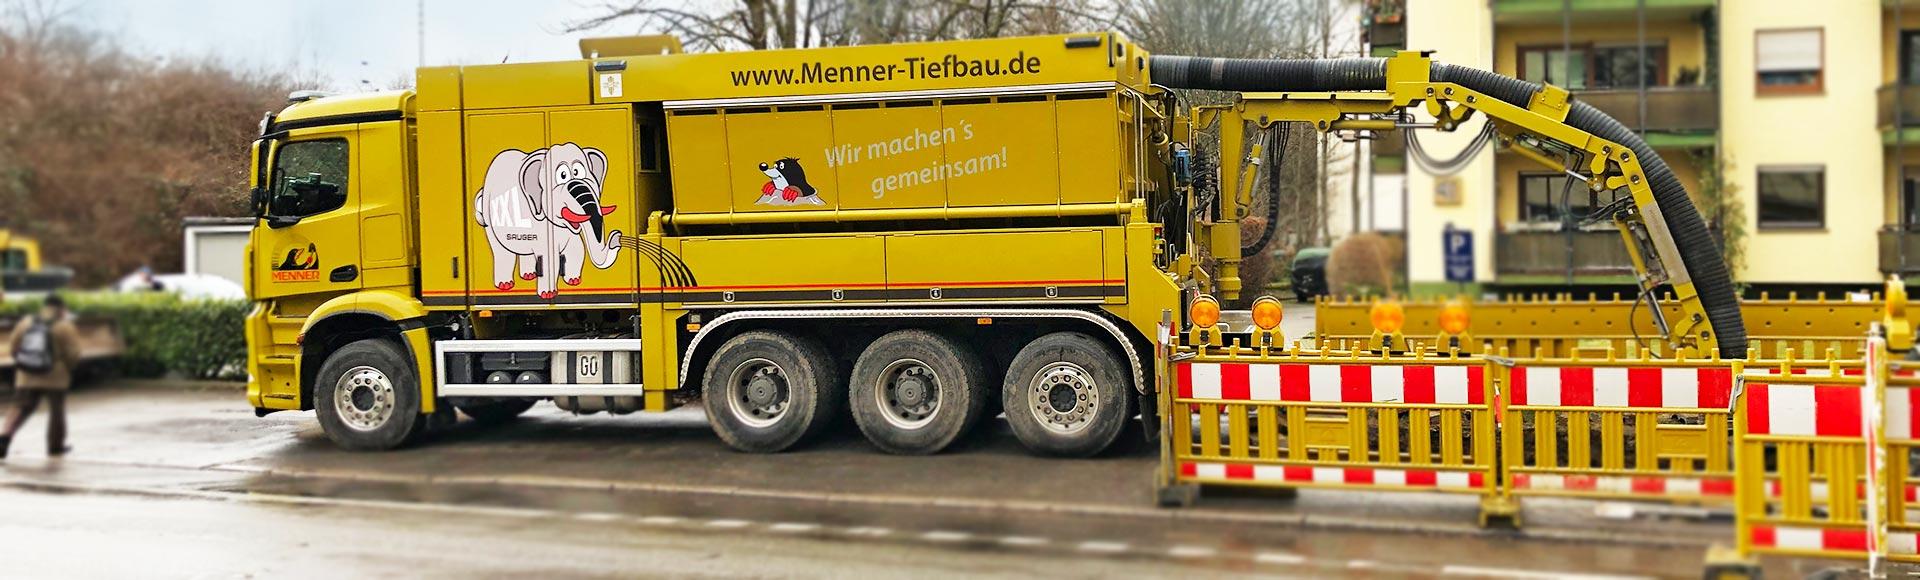 Menner Tiefbau Breisach Saugbagger - Saugbaggerarbeiten